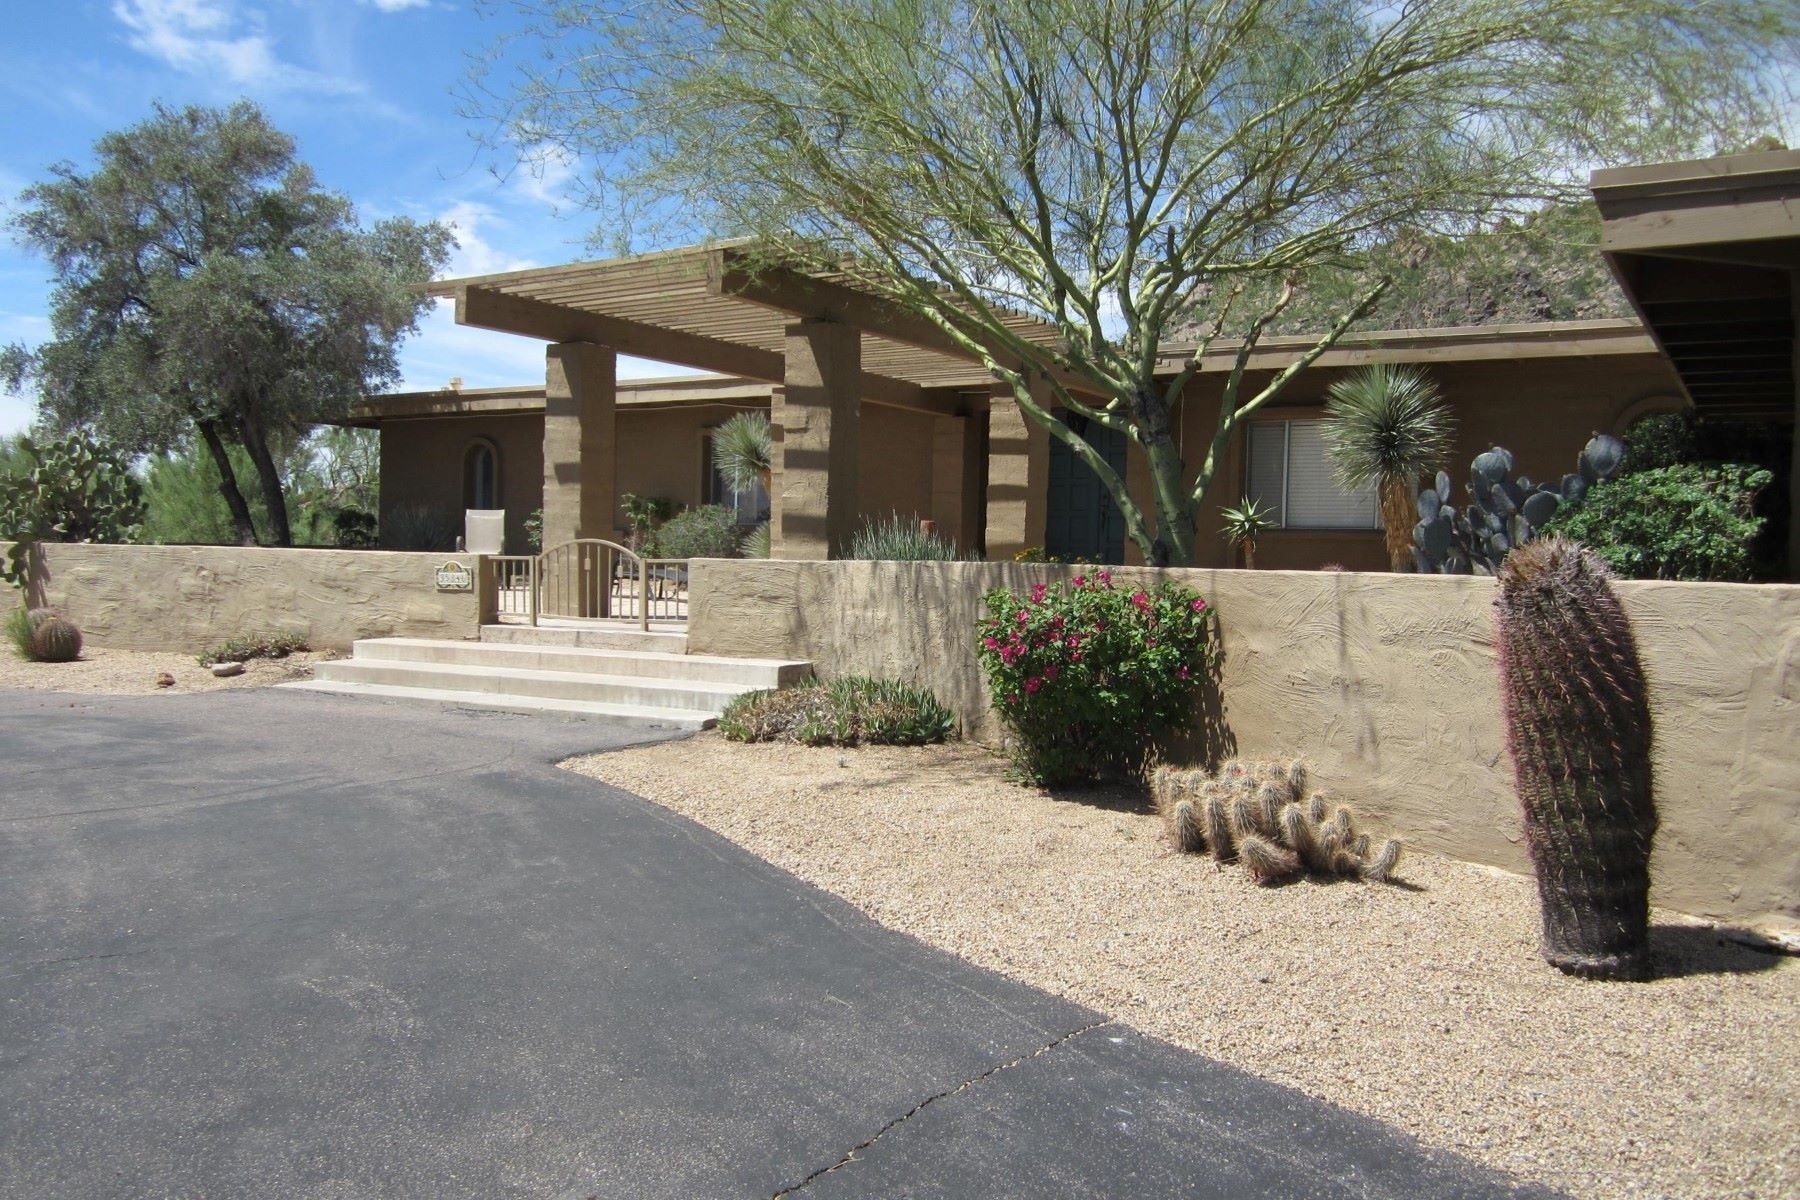 Частный односемейный дом для того Аренда на Classic Carefree home 35846 N Tom Darlington Drive Carefree, Аризона, 85377 Соединенные Штаты